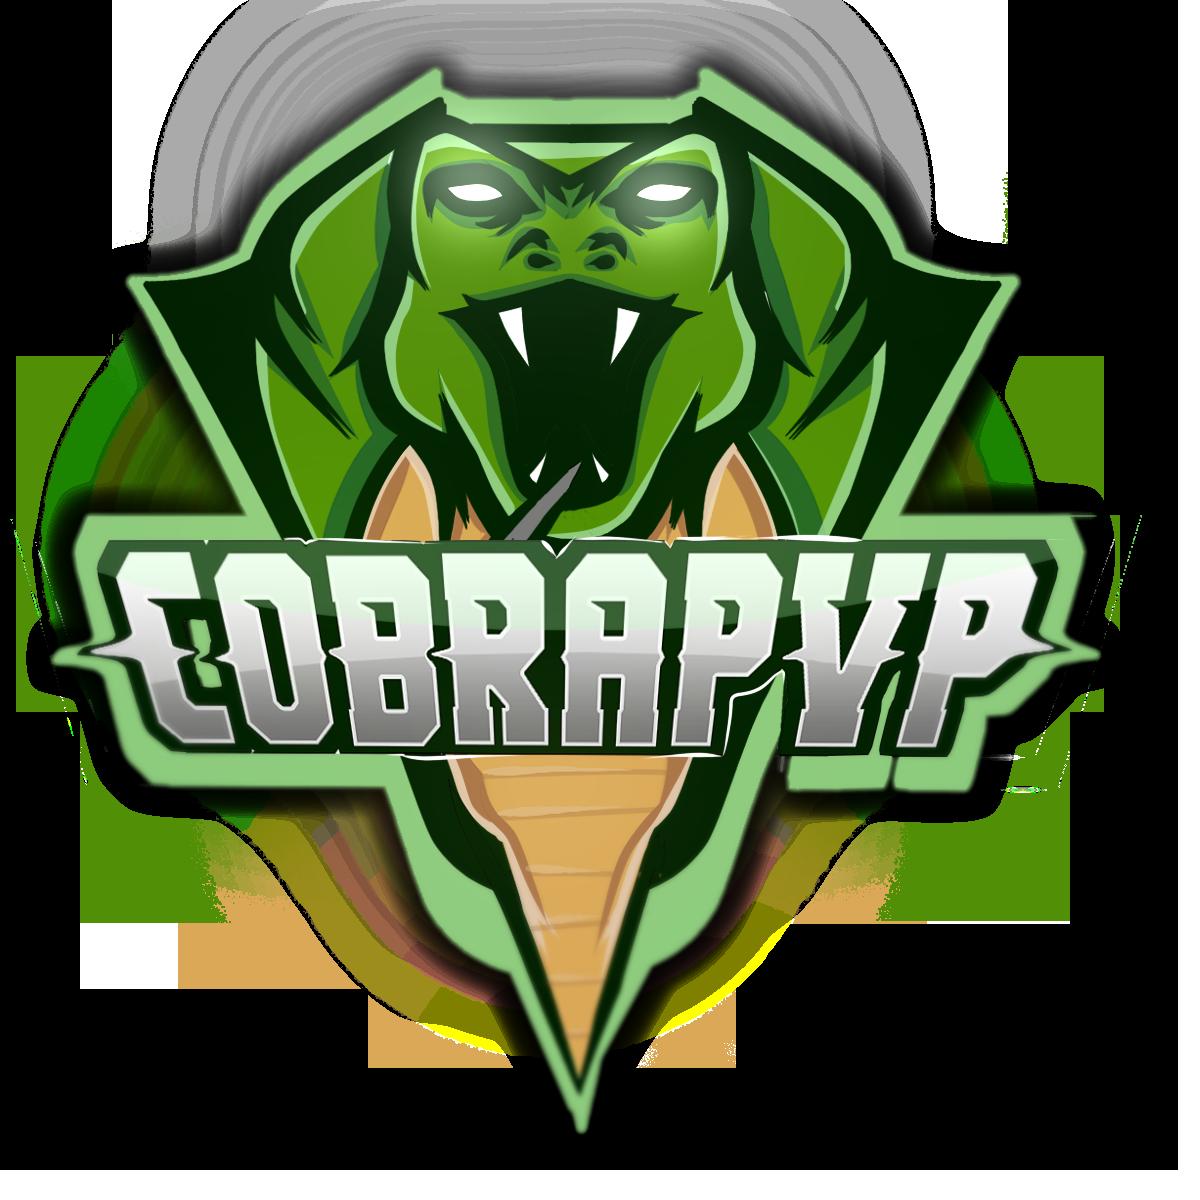 CobraPvP